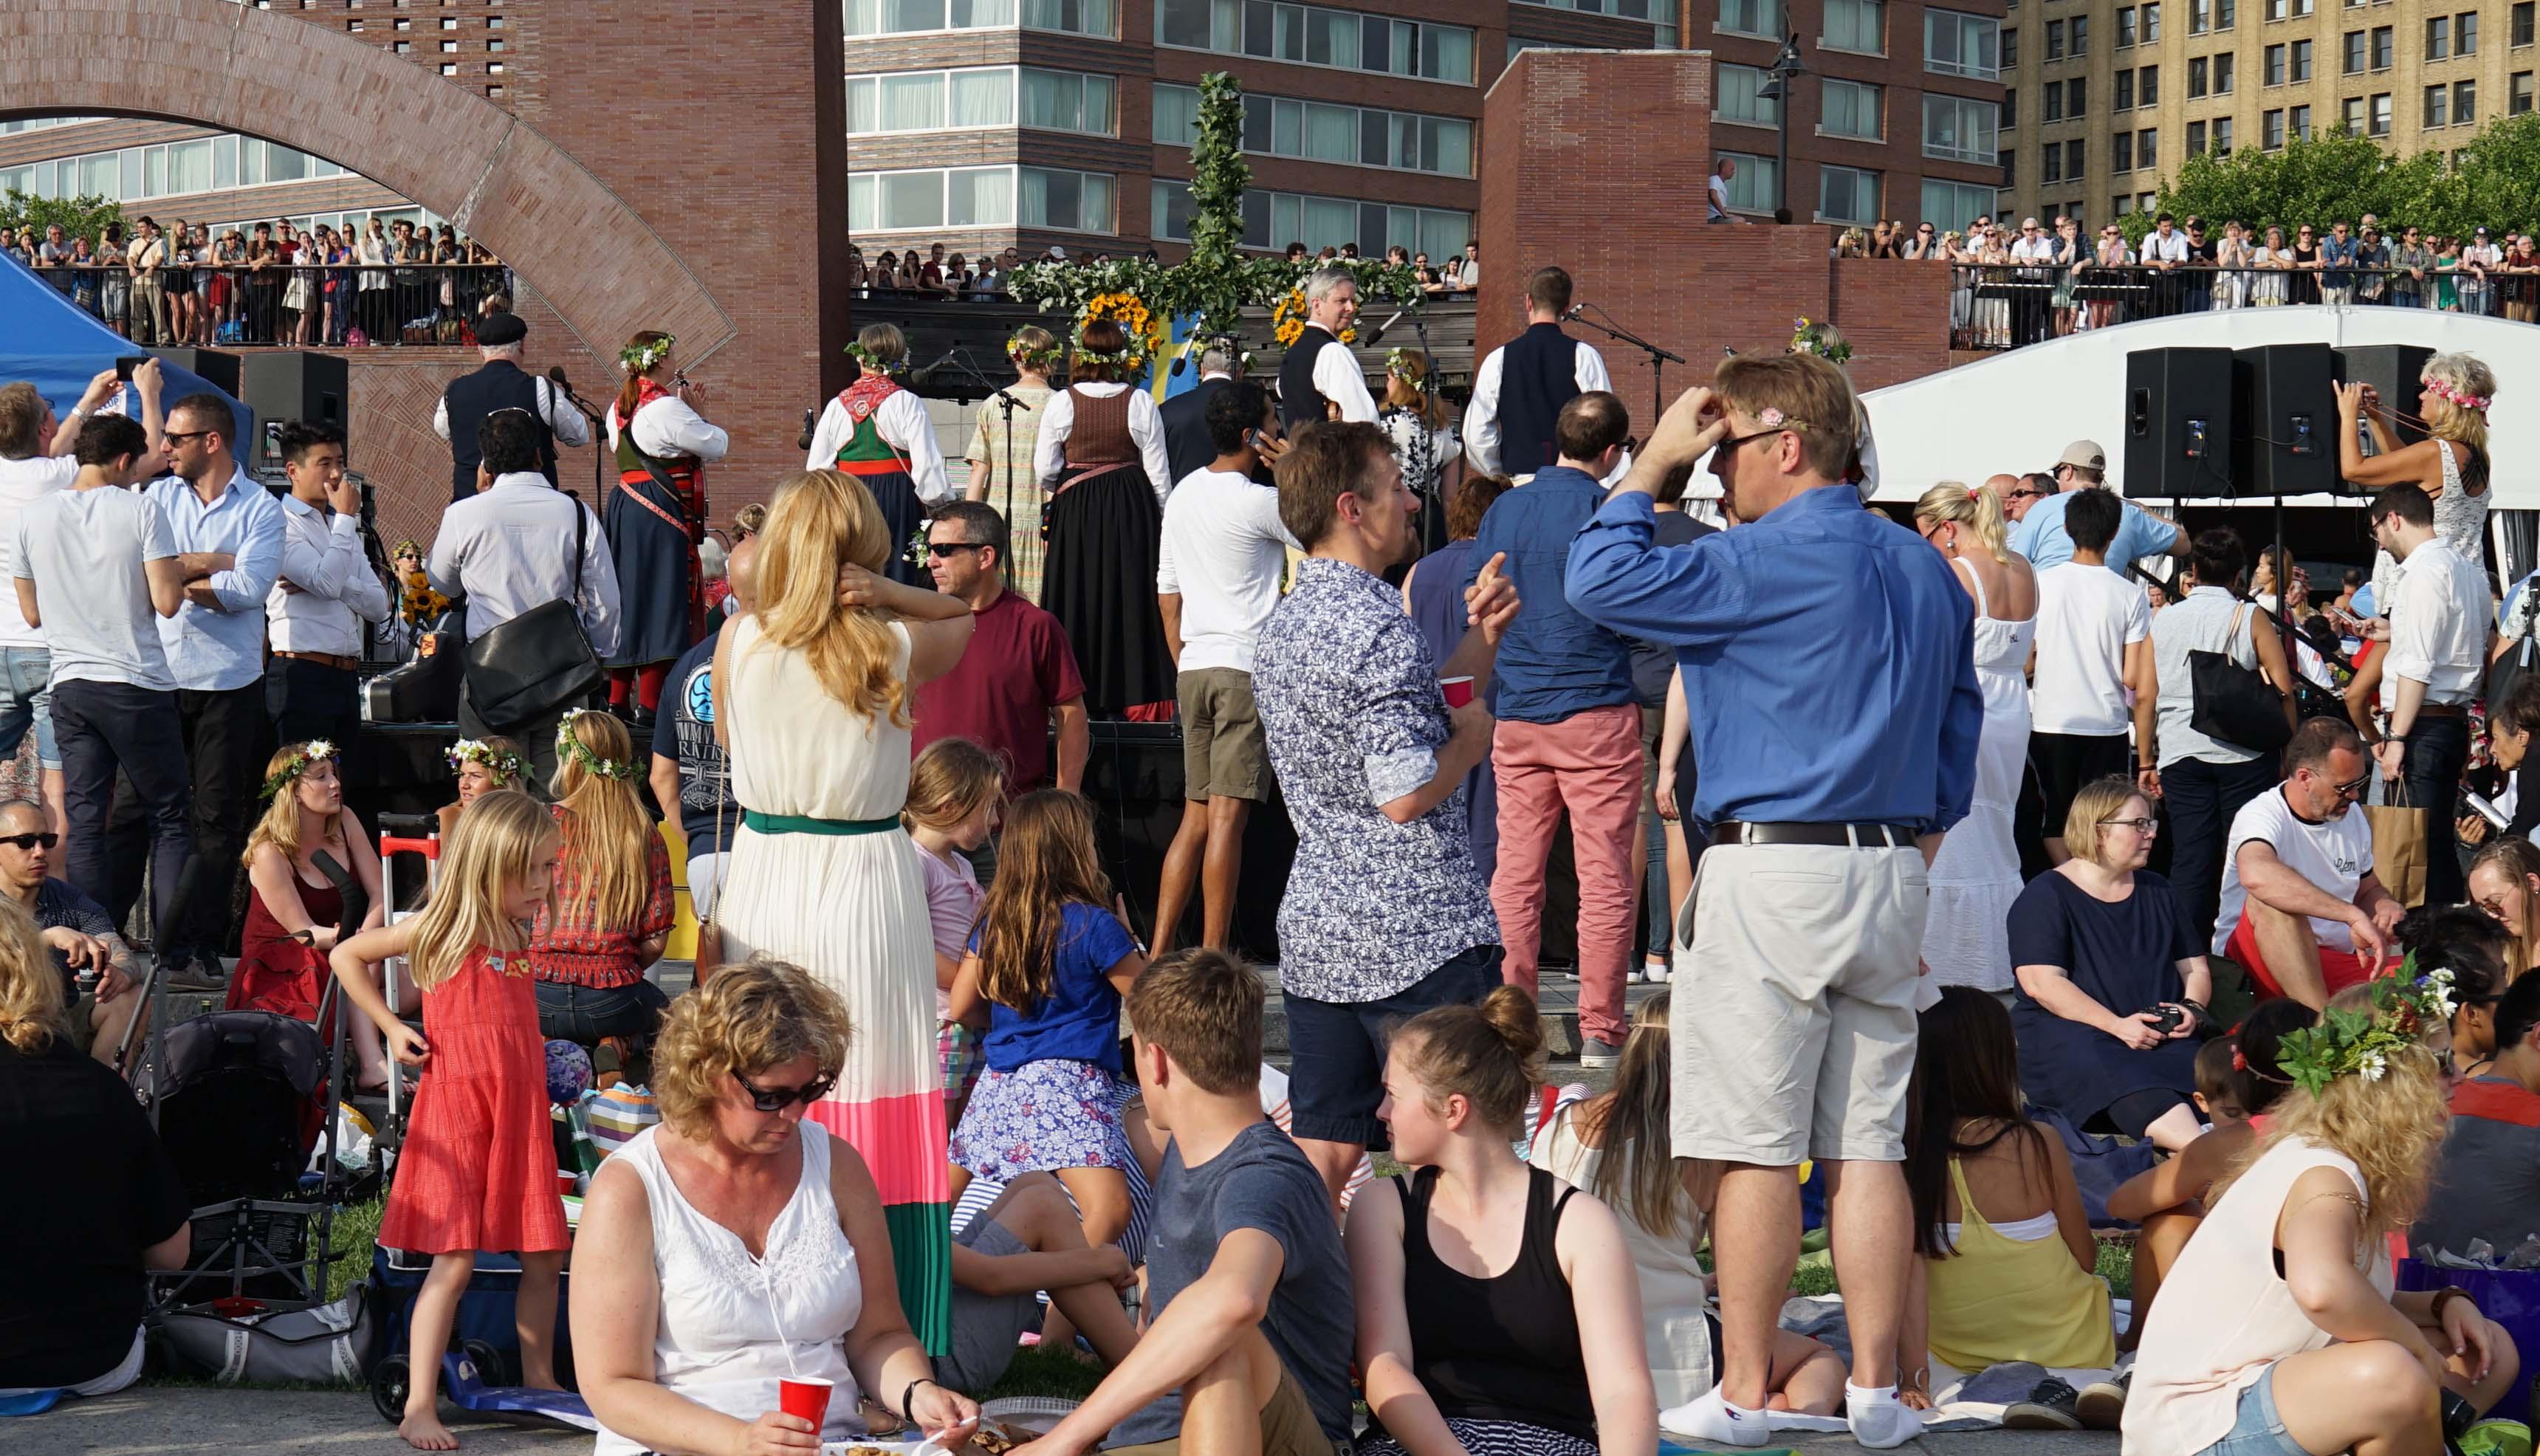 Swedish festival band overpass walkway